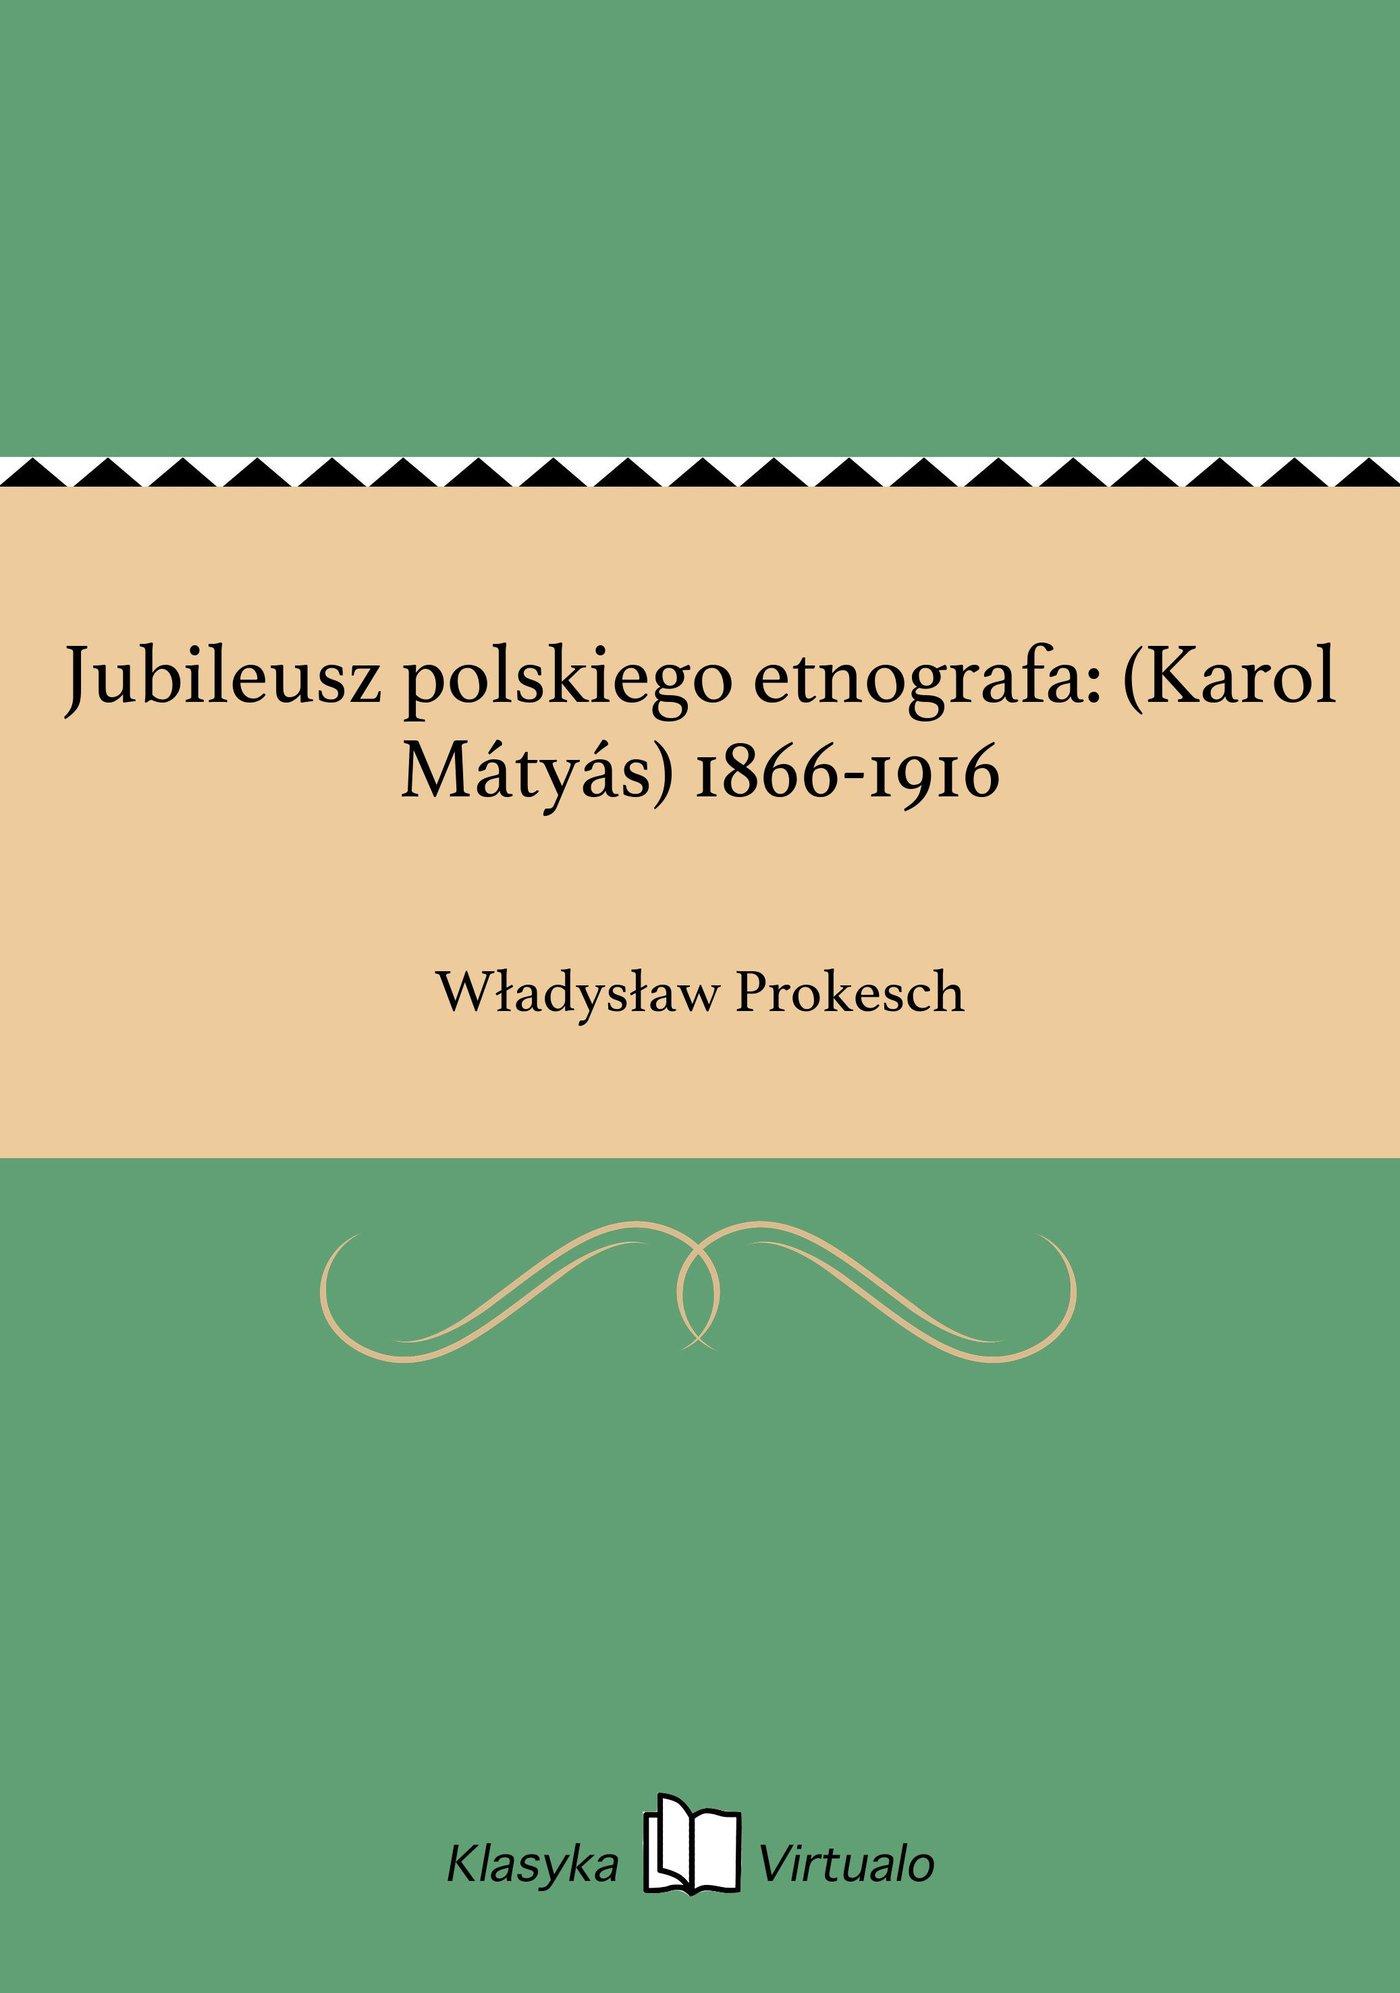 Jubileusz polskiego etnografa: (Karol Mátyás) 1866-1916 - Ebook (Książka EPUB) do pobrania w formacie EPUB